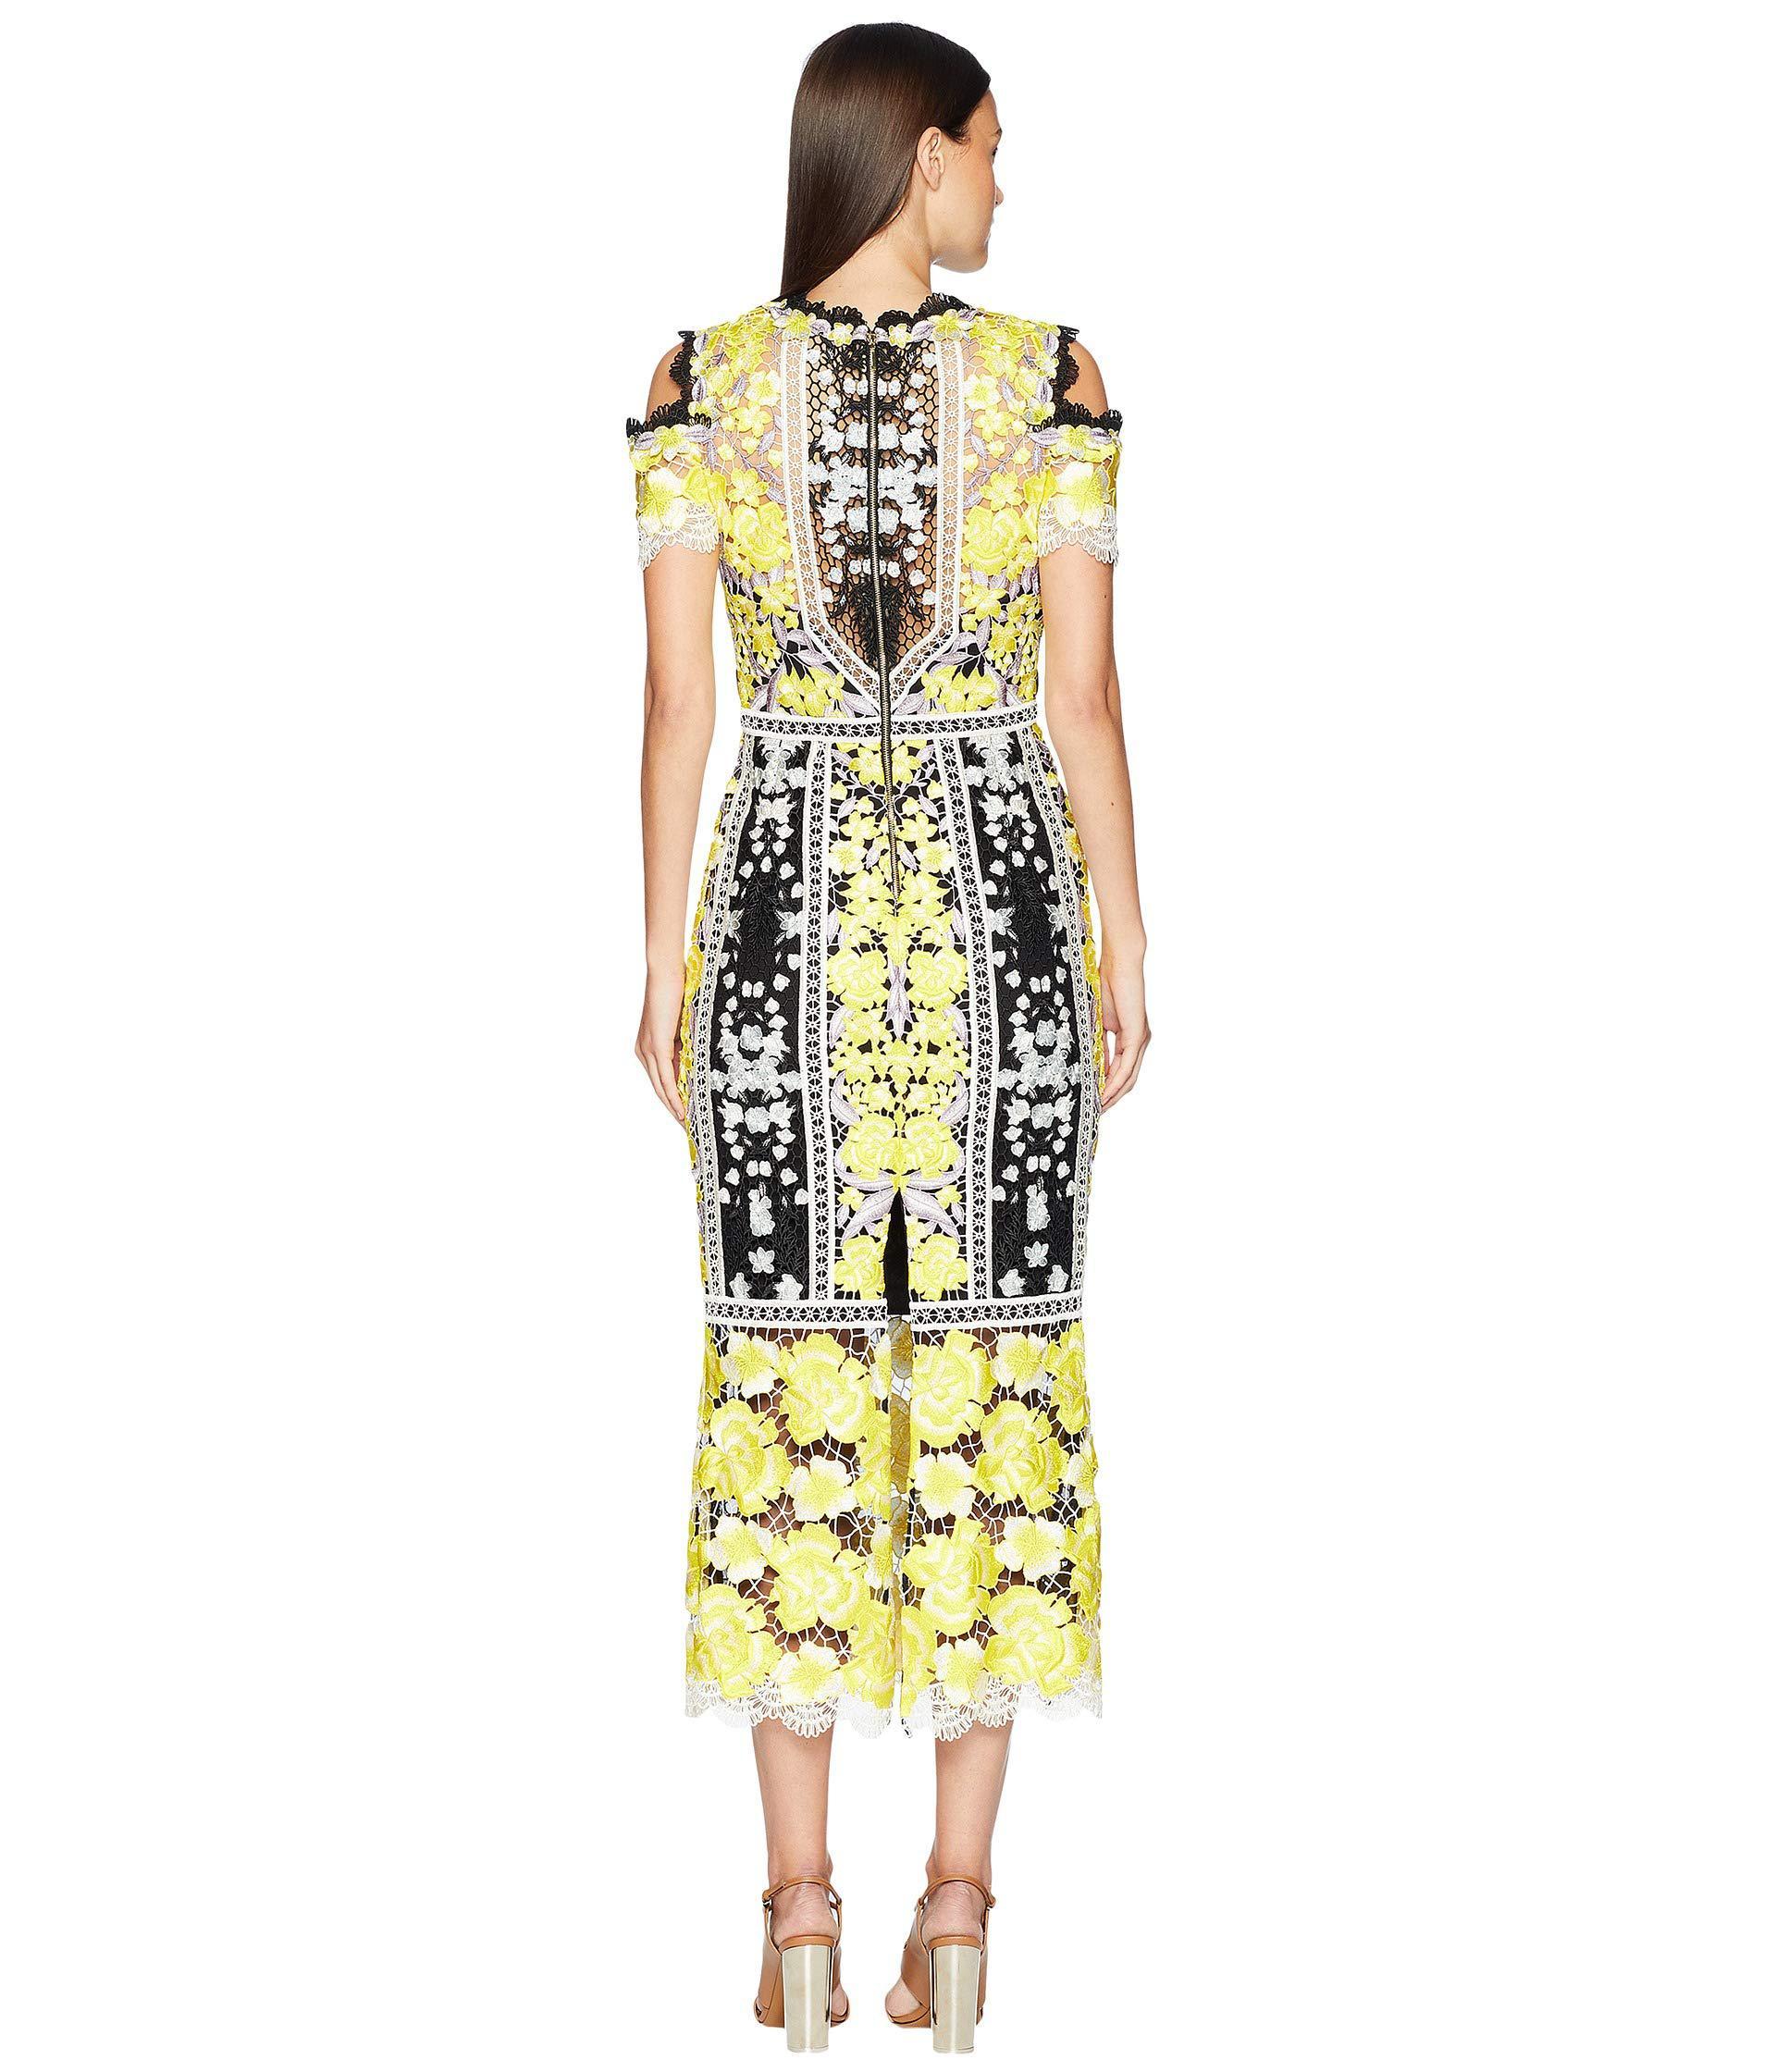 469d08e081 Marchesa Notte Lace Tea Length Cocktail Dress - Data Dynamic AG